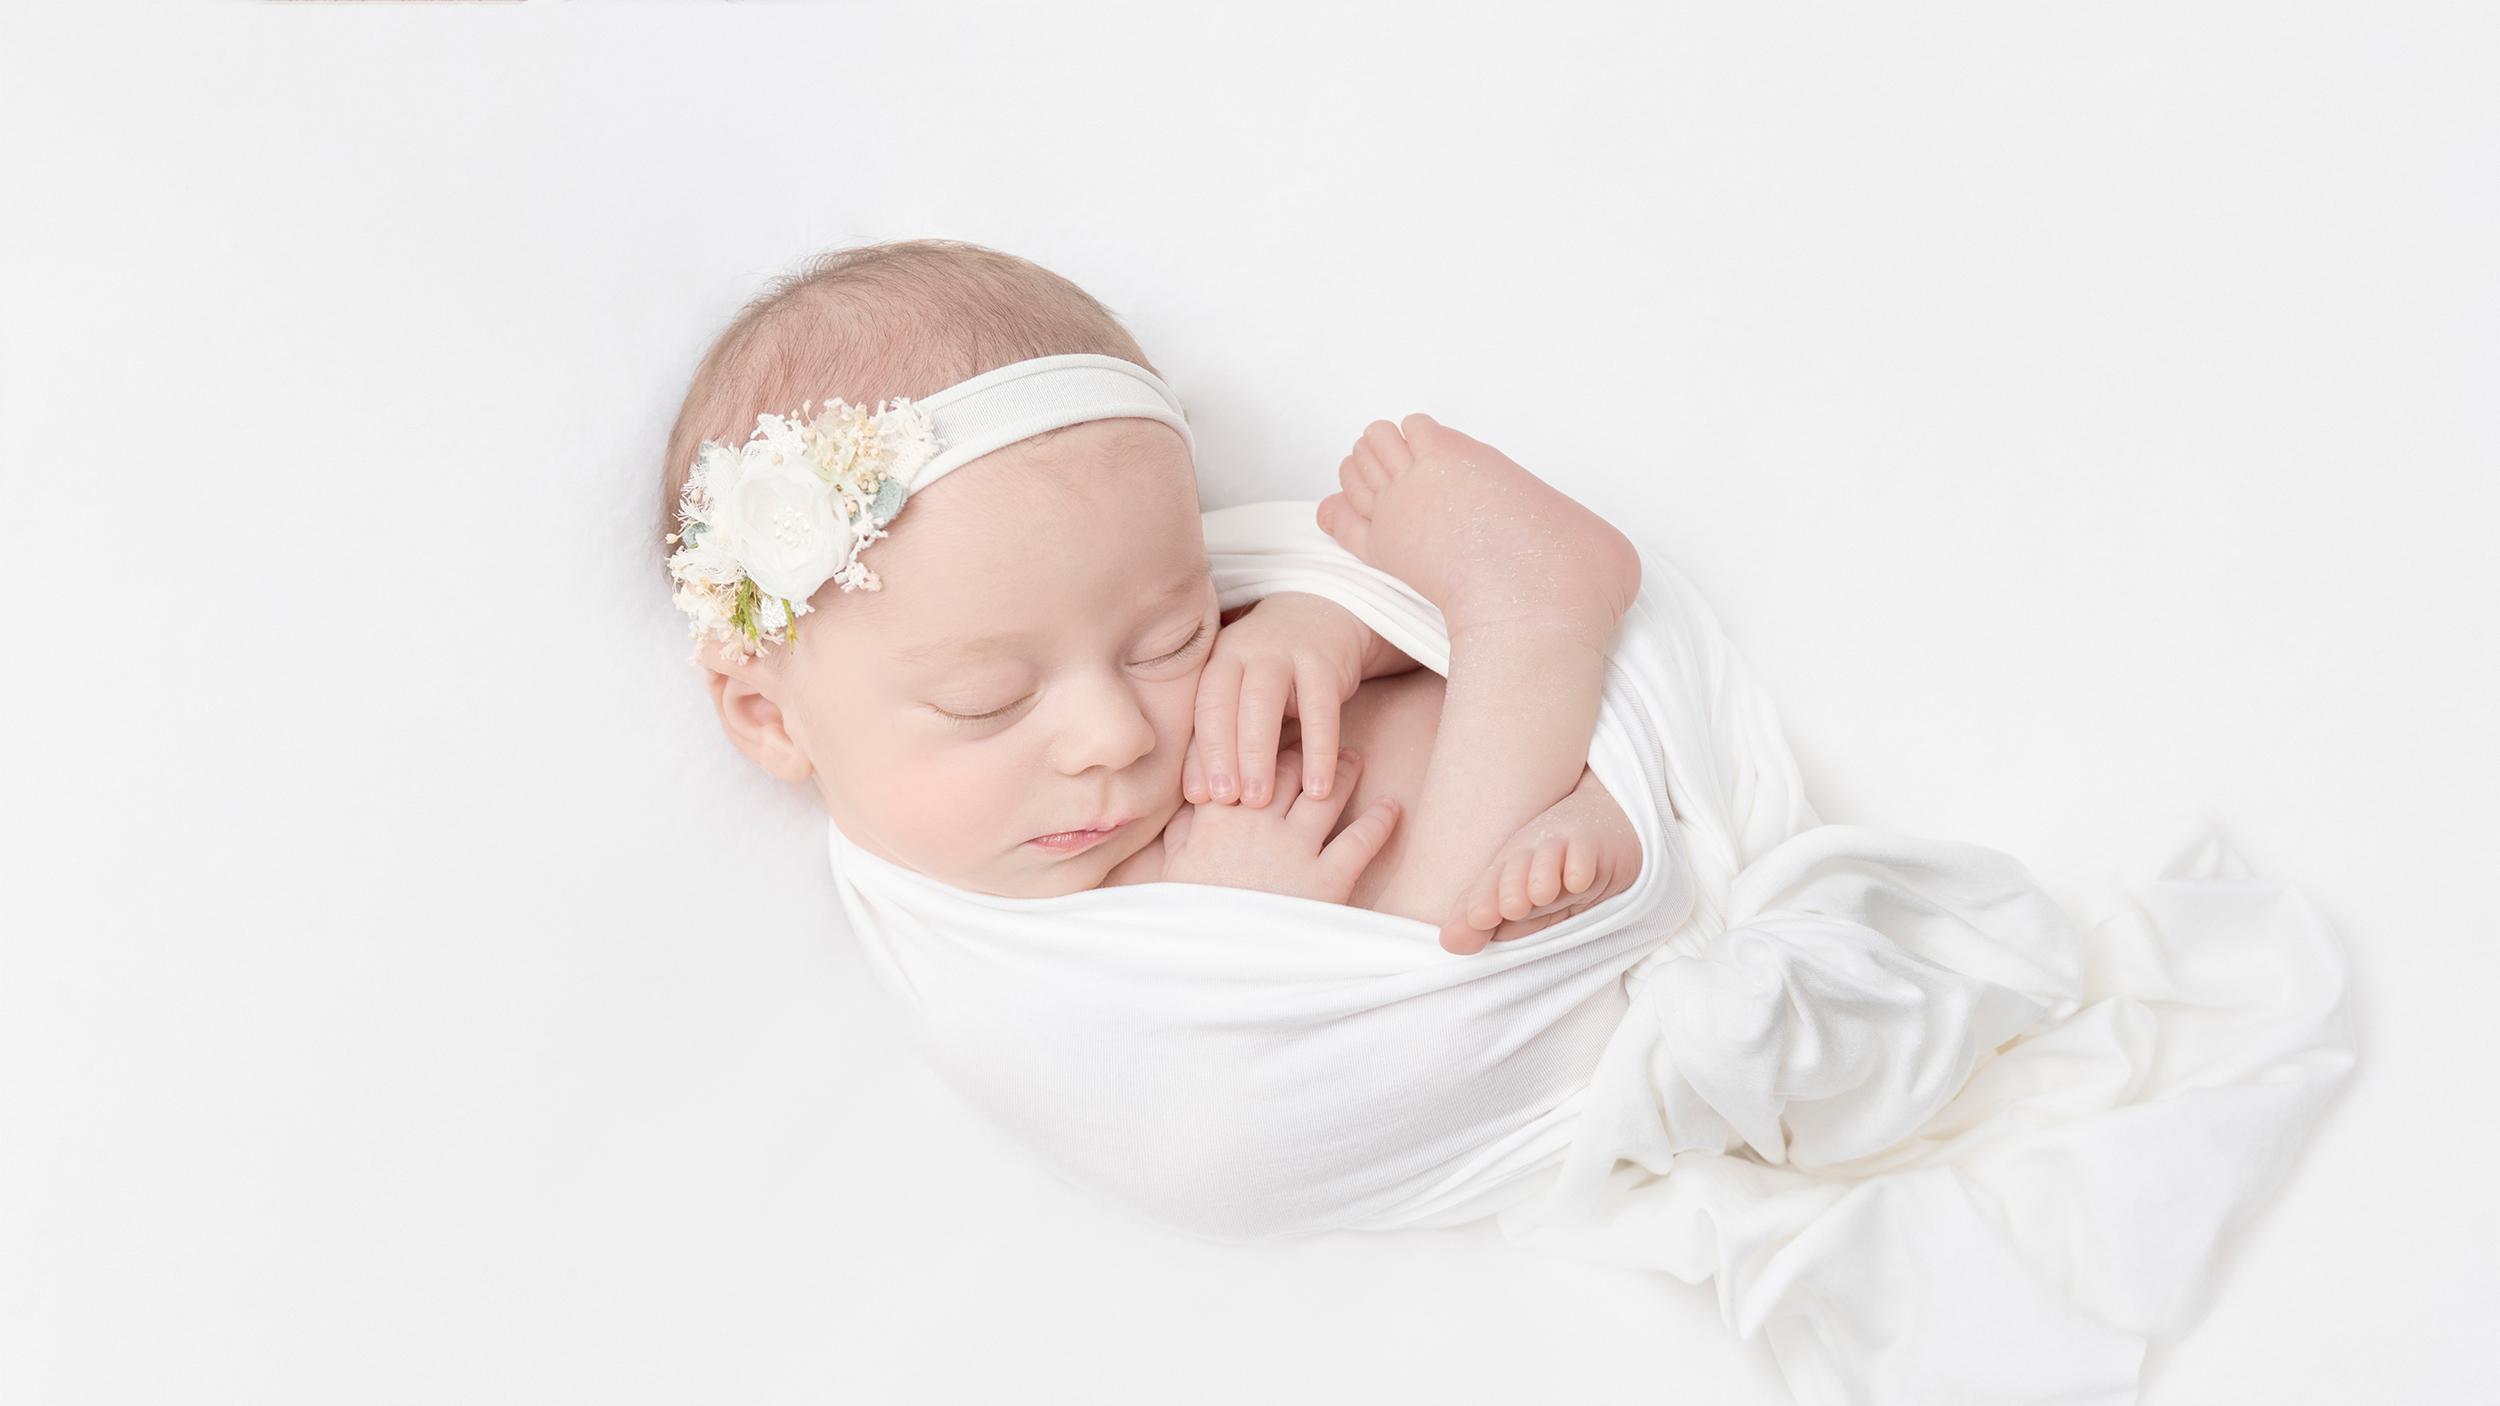 Allison Bauer Photography - Mädchen, weiß, neugeborenes baby, baby fotoshooting